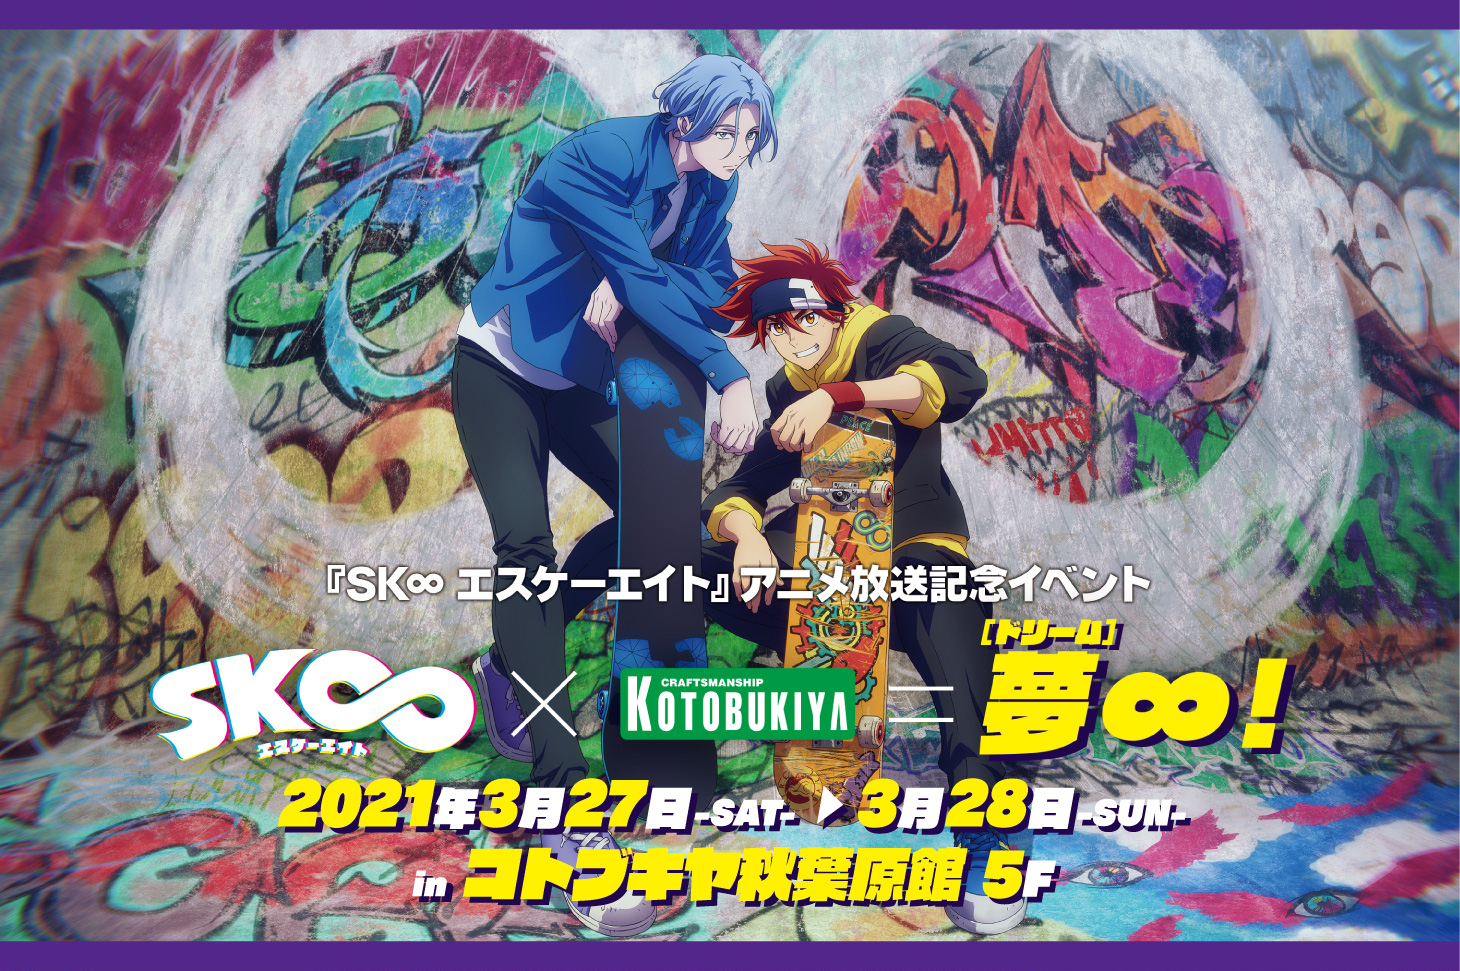 『SK∞ エスケーエイト』 ×  KOTOBUKIYA = 夢∞!【3月28日入場抽選券】